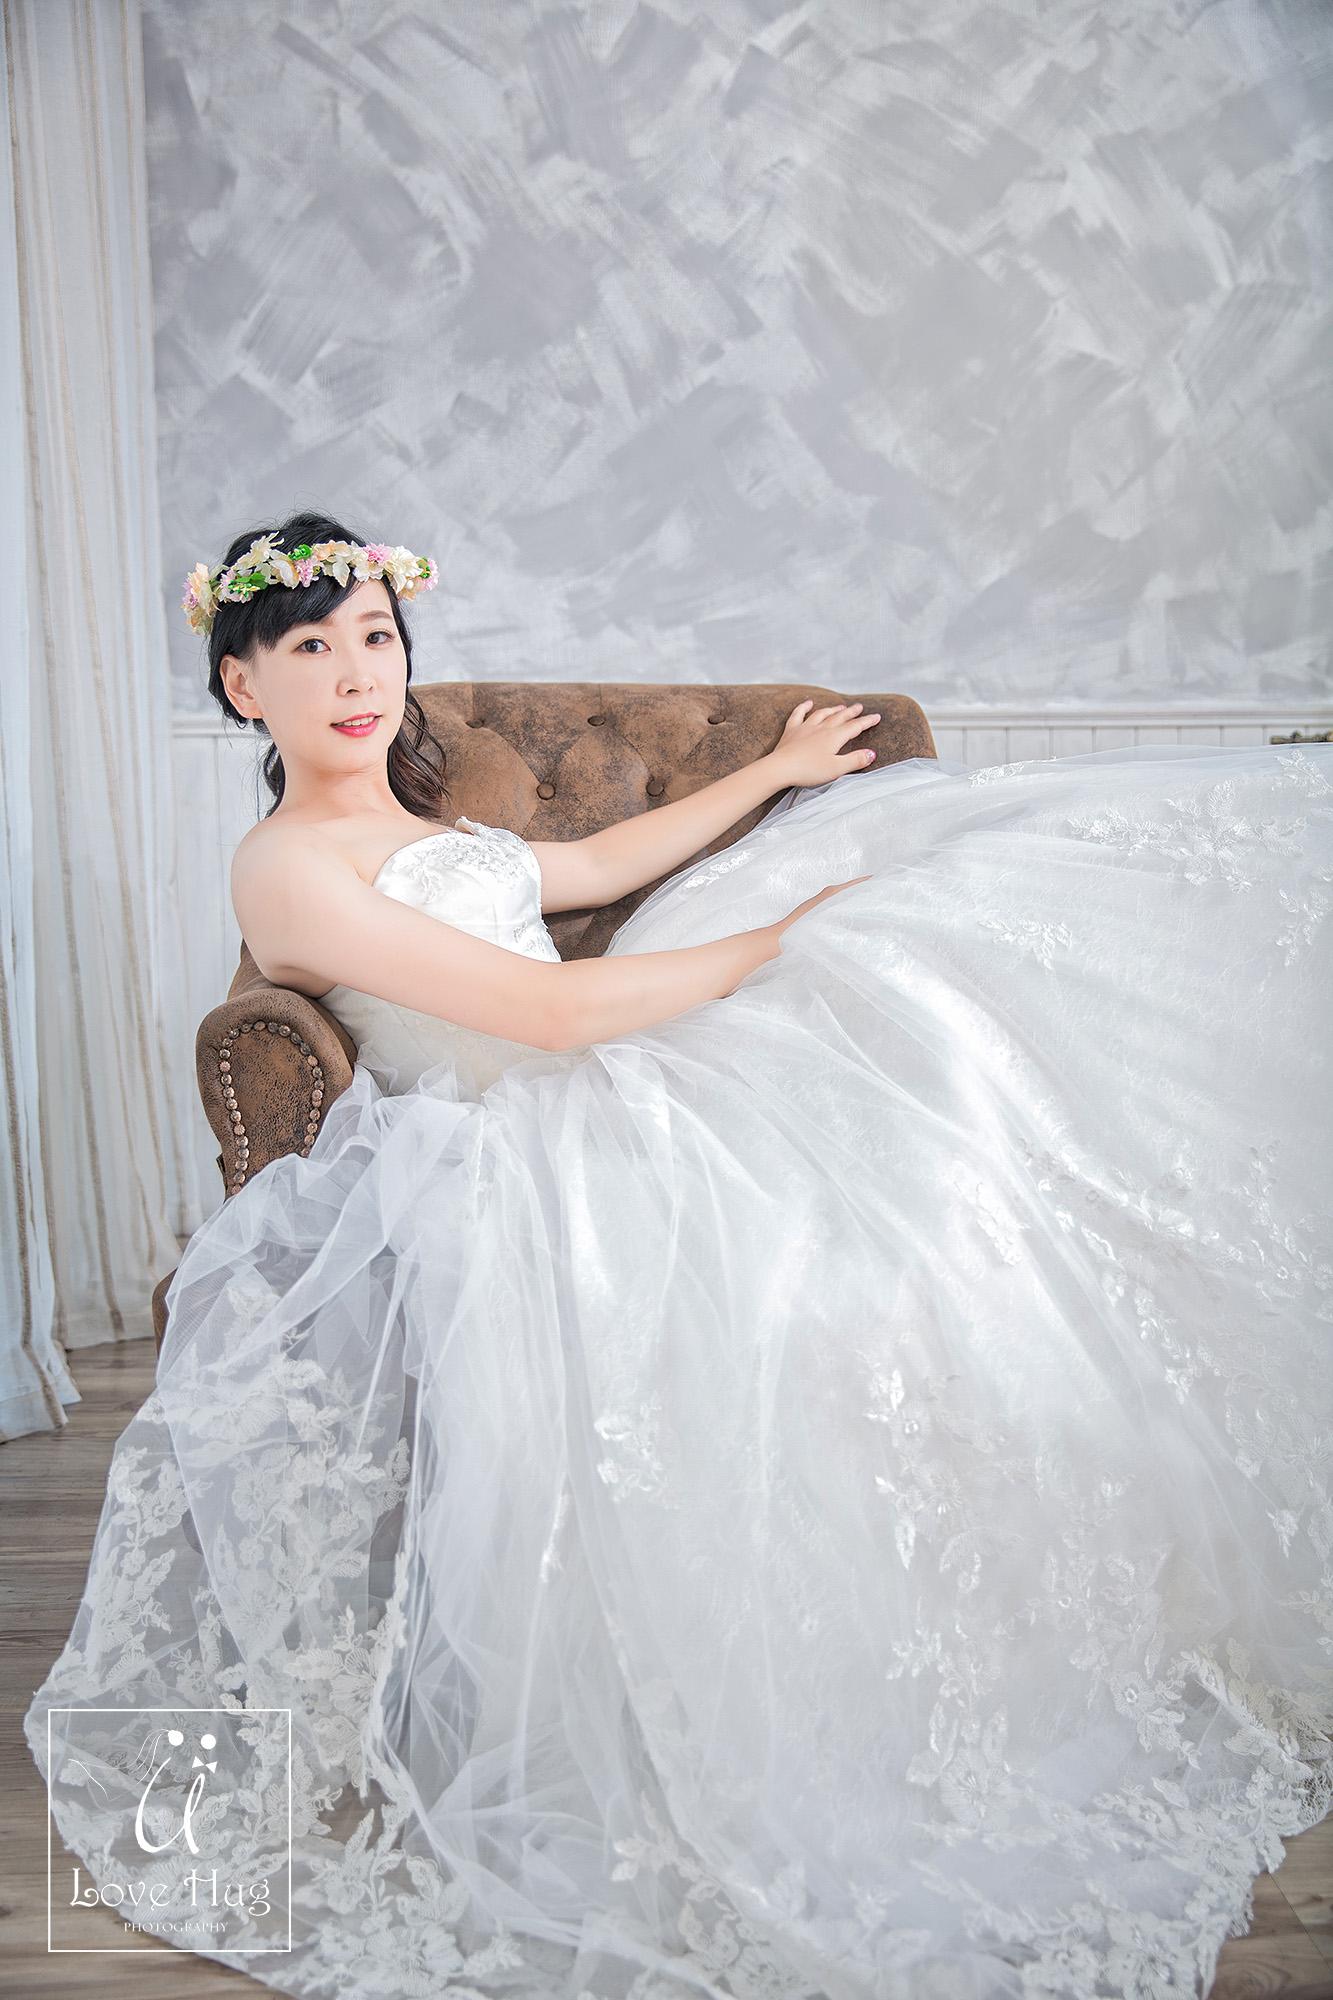 婚紗,人像寫真,閨蜜,桃園